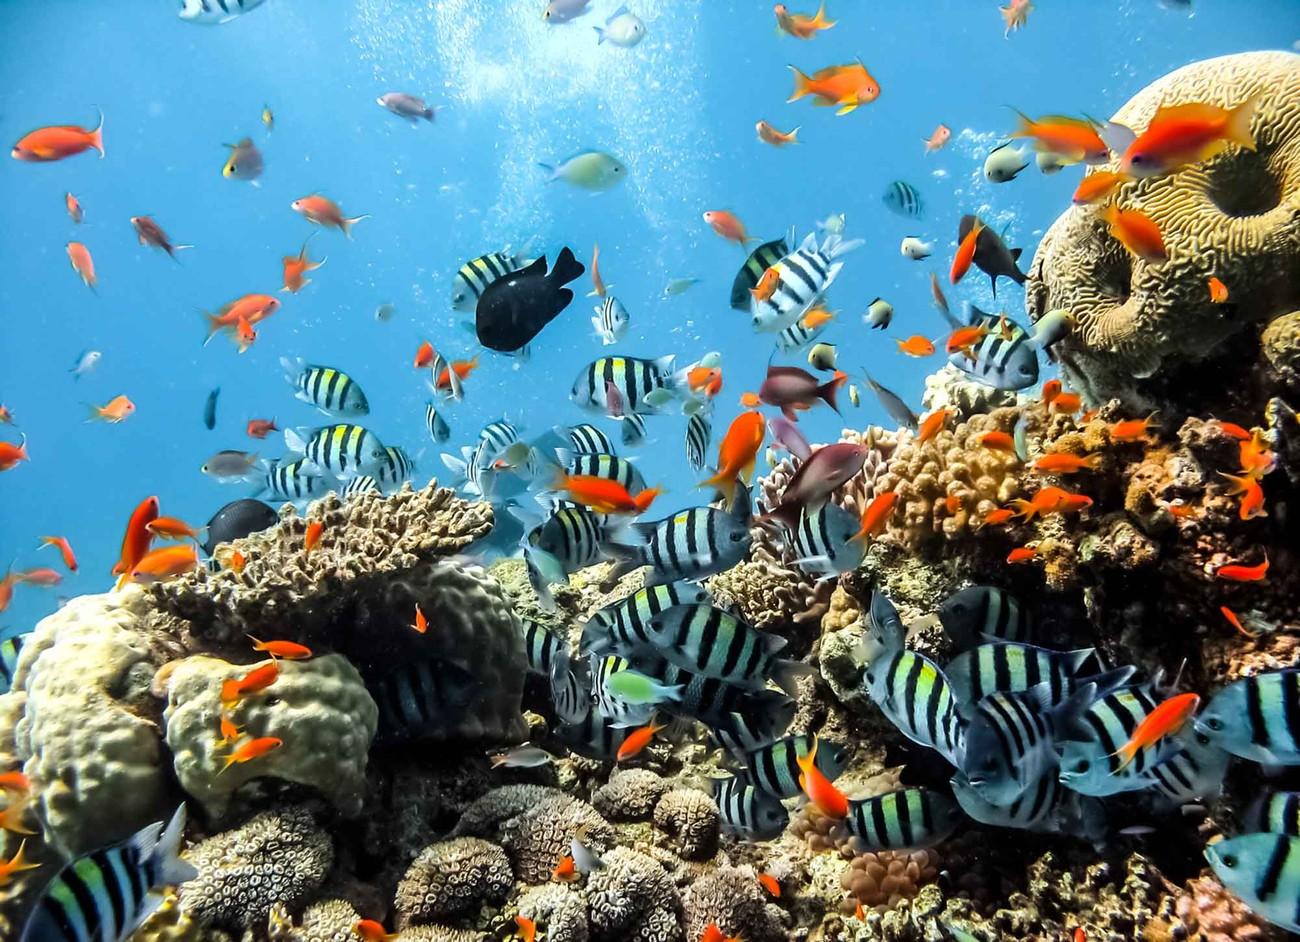 abbastanza Carta da parati - Ambiente Marino Coralli Pesce | EuroPosters.it MC51